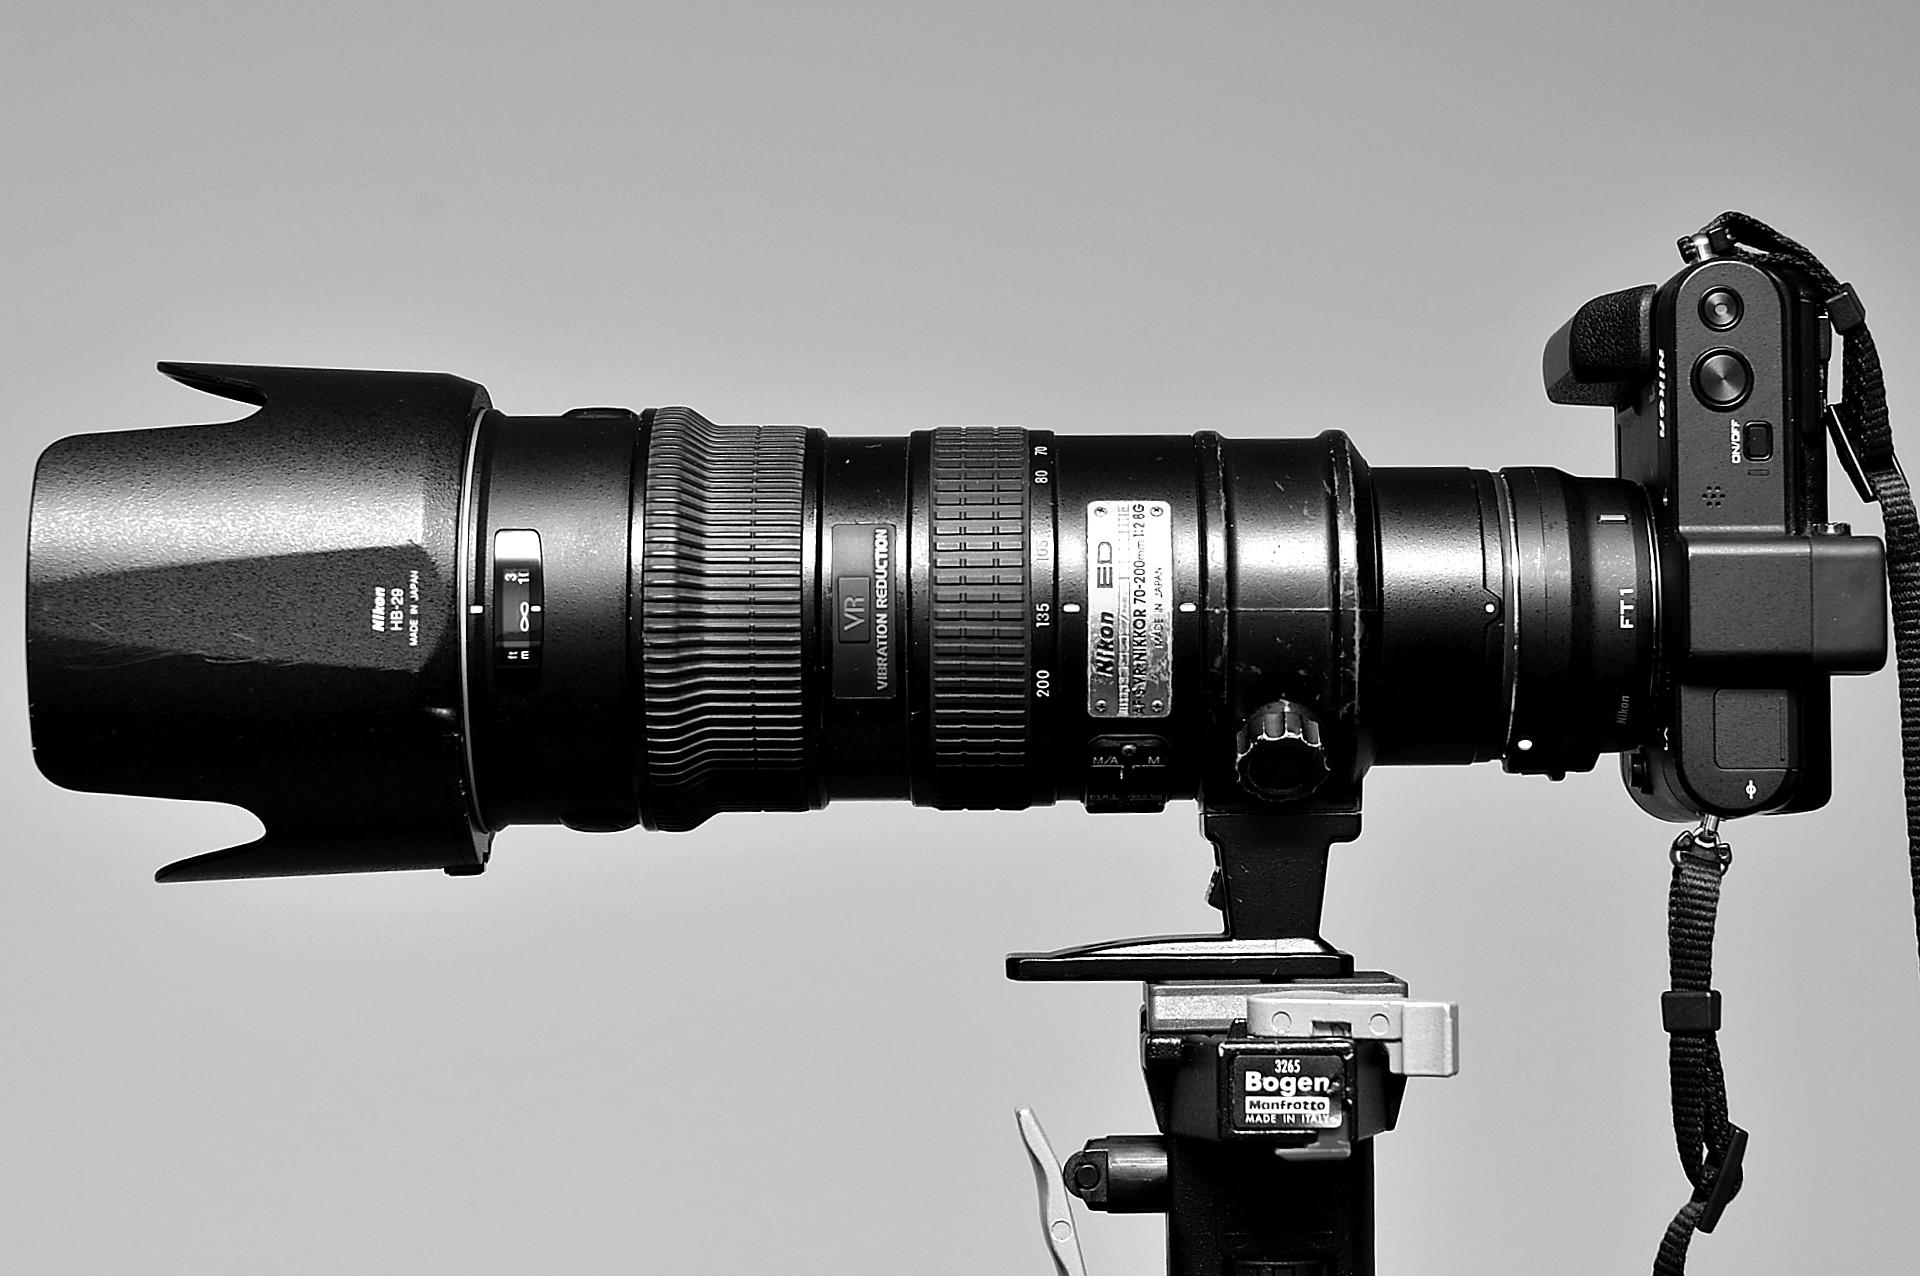 NikonV1FT170200.JPG